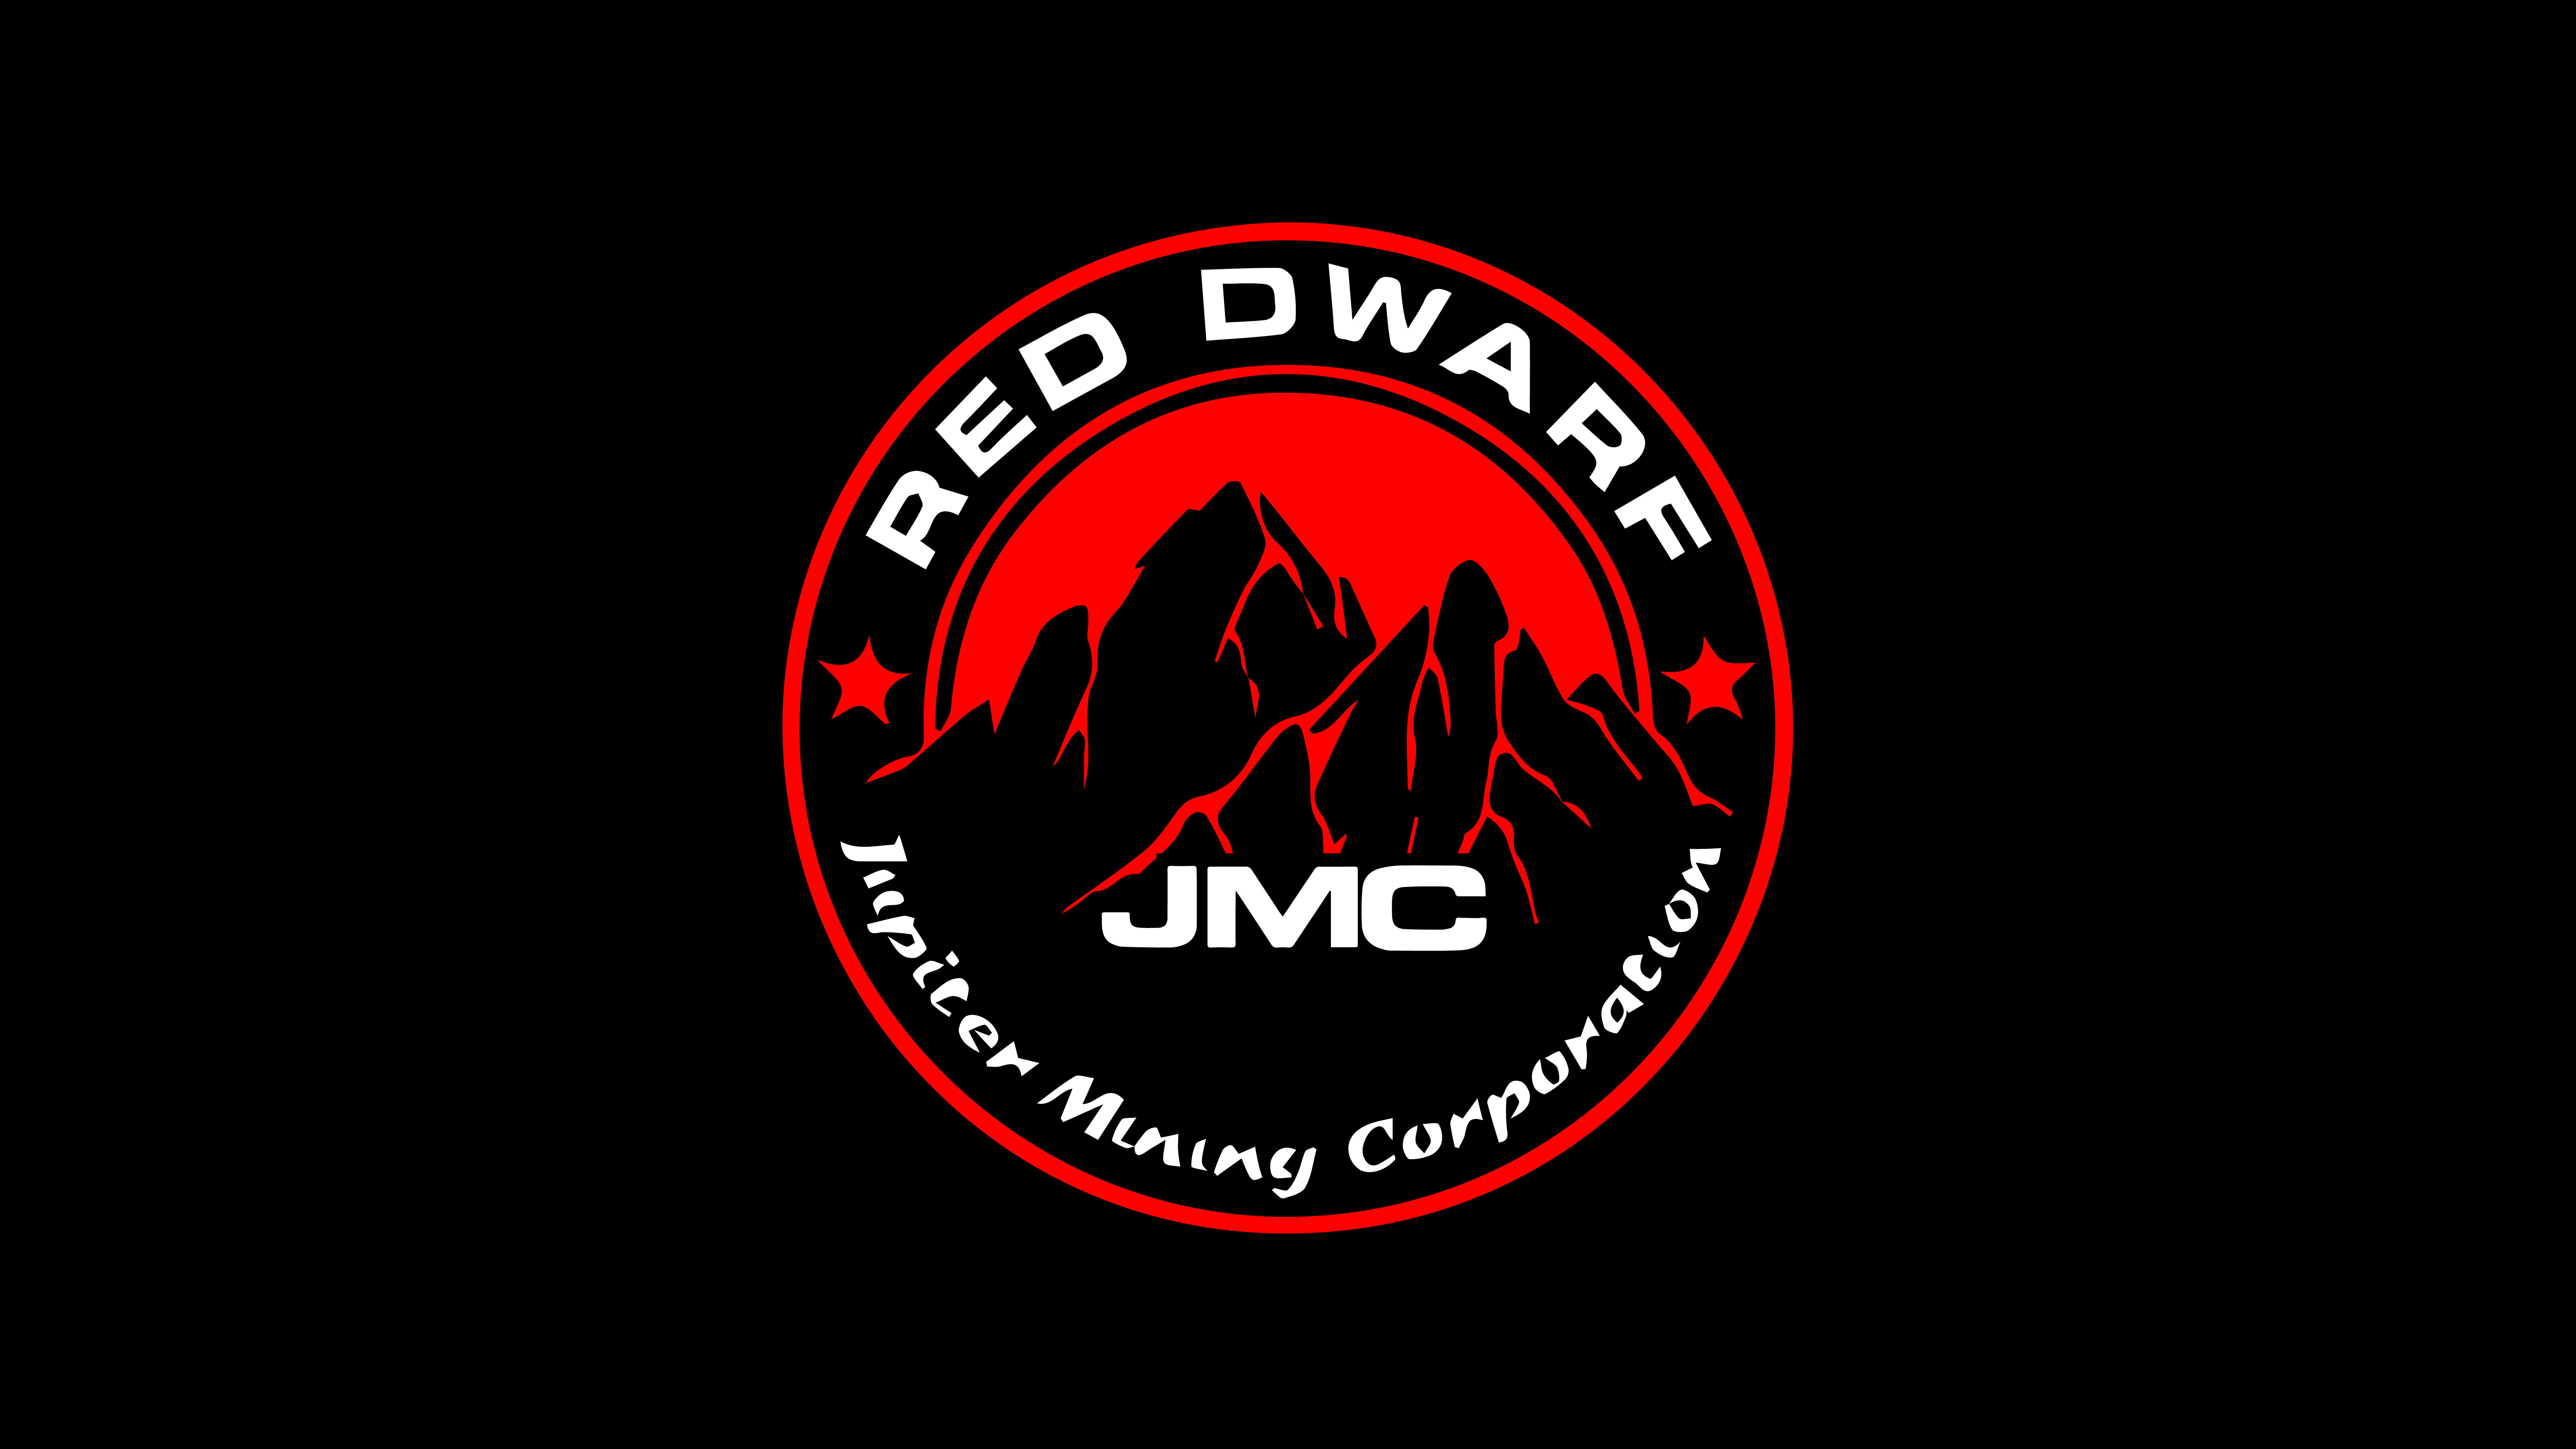 Red Dwarf JMC Wallpaper : RedDwarf.